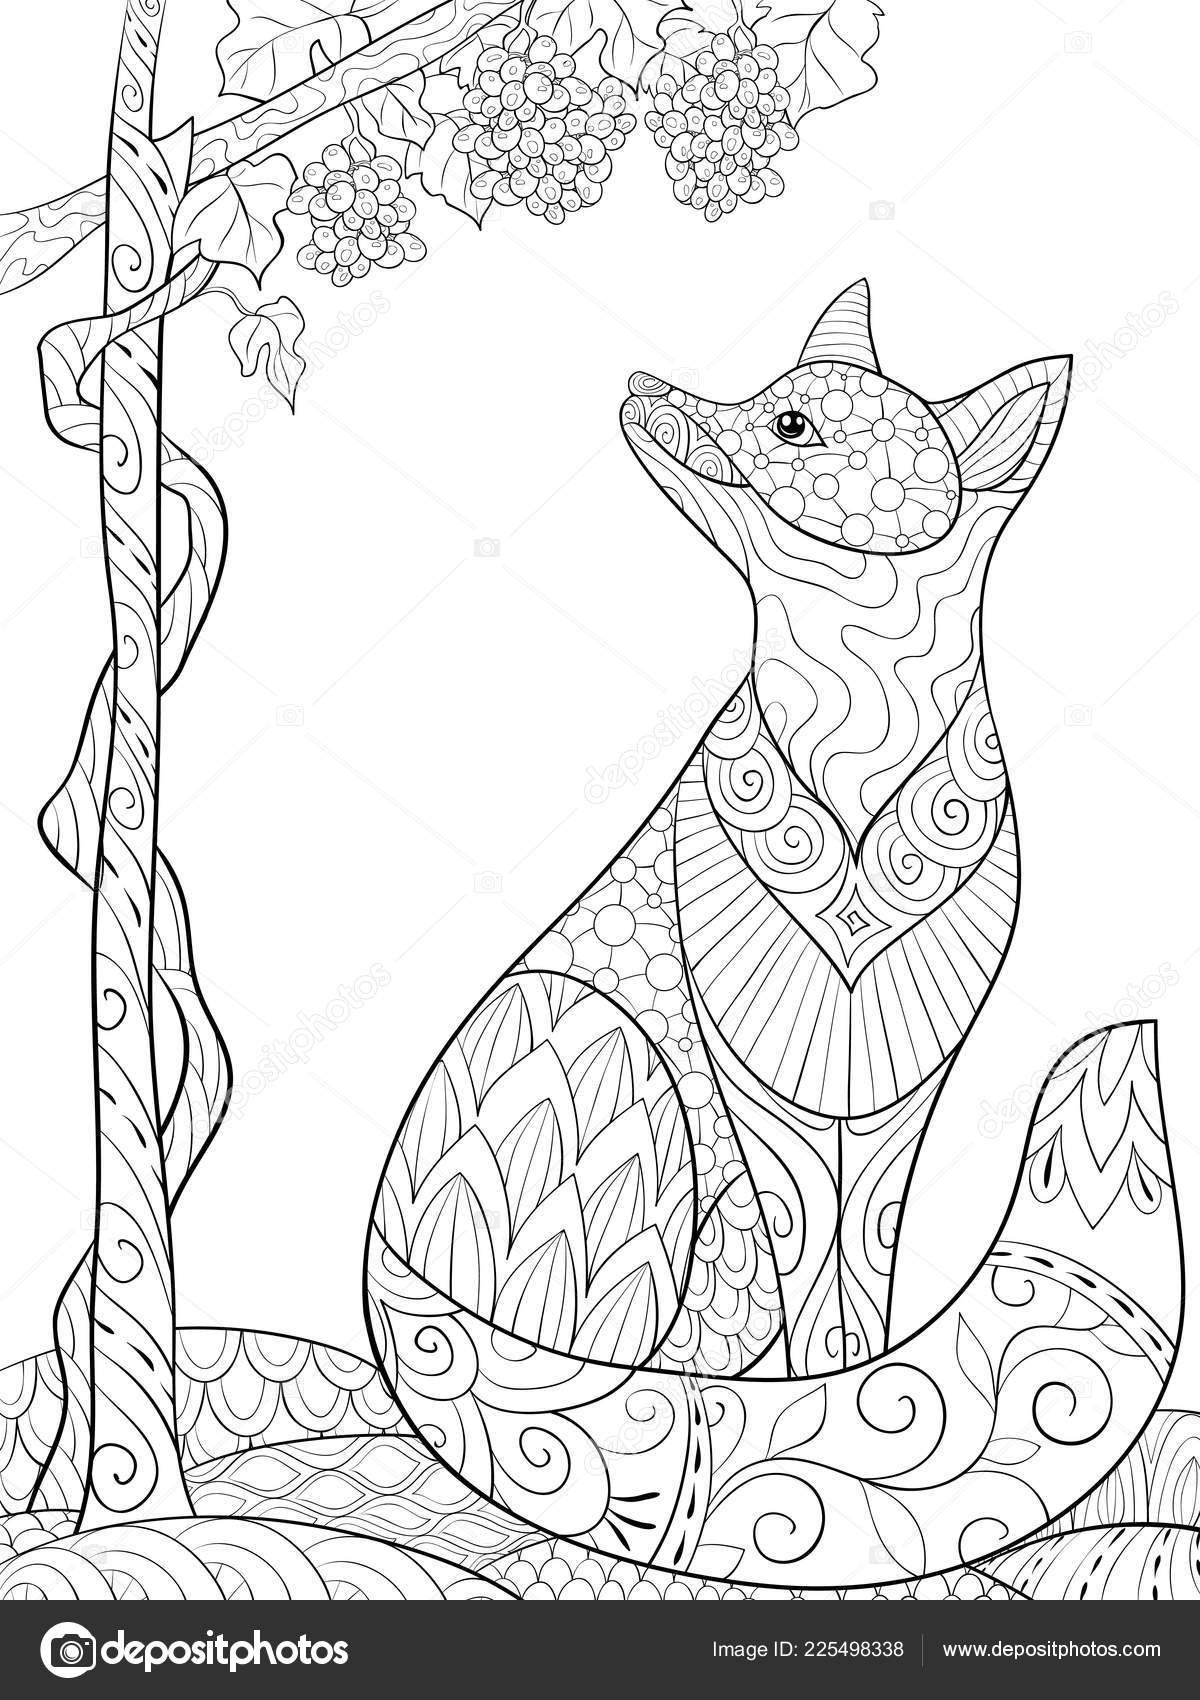 Imagen Página Zorro Cute Dibujos Animados Adultos Libro Para